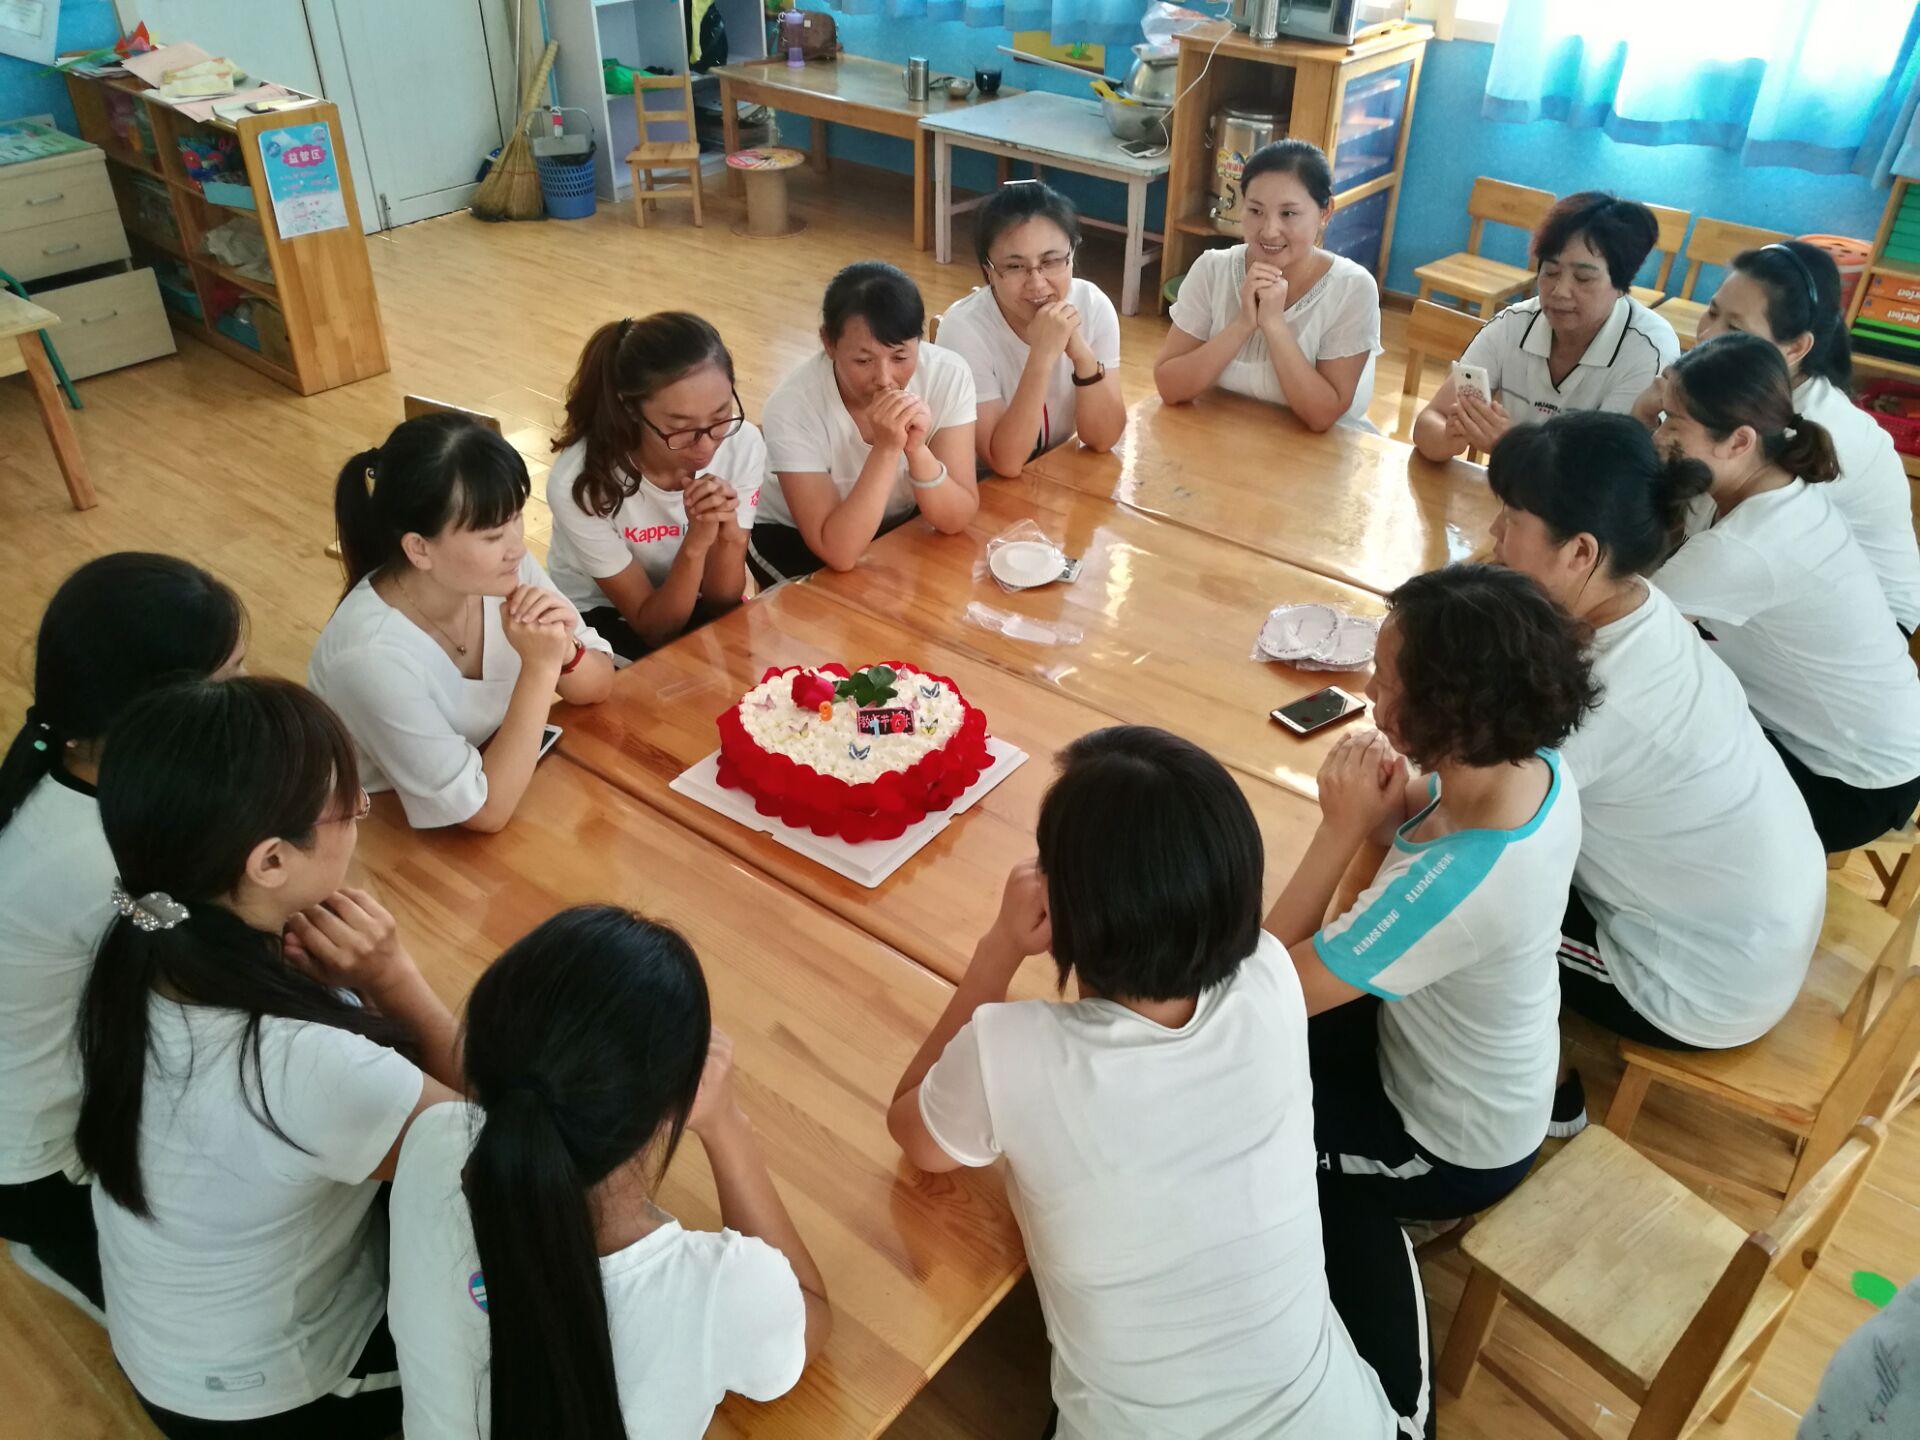 <br/>  &amp;ldquo;当我们所有人的手牵在一起,当《同一首歌》的歌声飘荡在校园时,我们每个人的心是暖的,情是真的,爱是满的。&amp;rdquo;该幼儿园老师杨义华说。图为,老师们甜蜜许下自己的愿望。